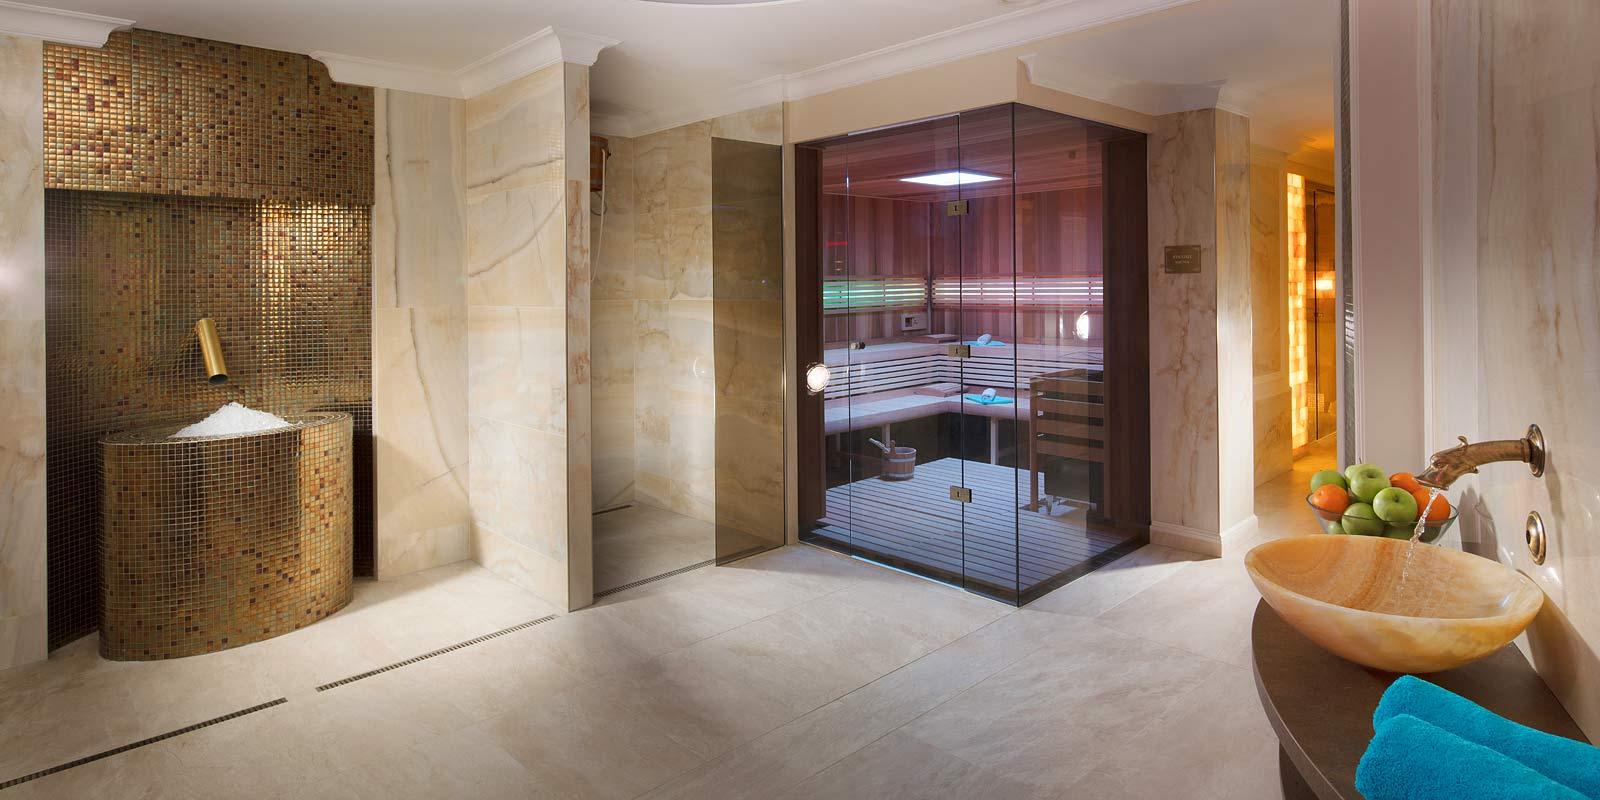 Veřejné hotelové wellness a finská sauna, ochlazovací vědro a studna s ledovou tříští